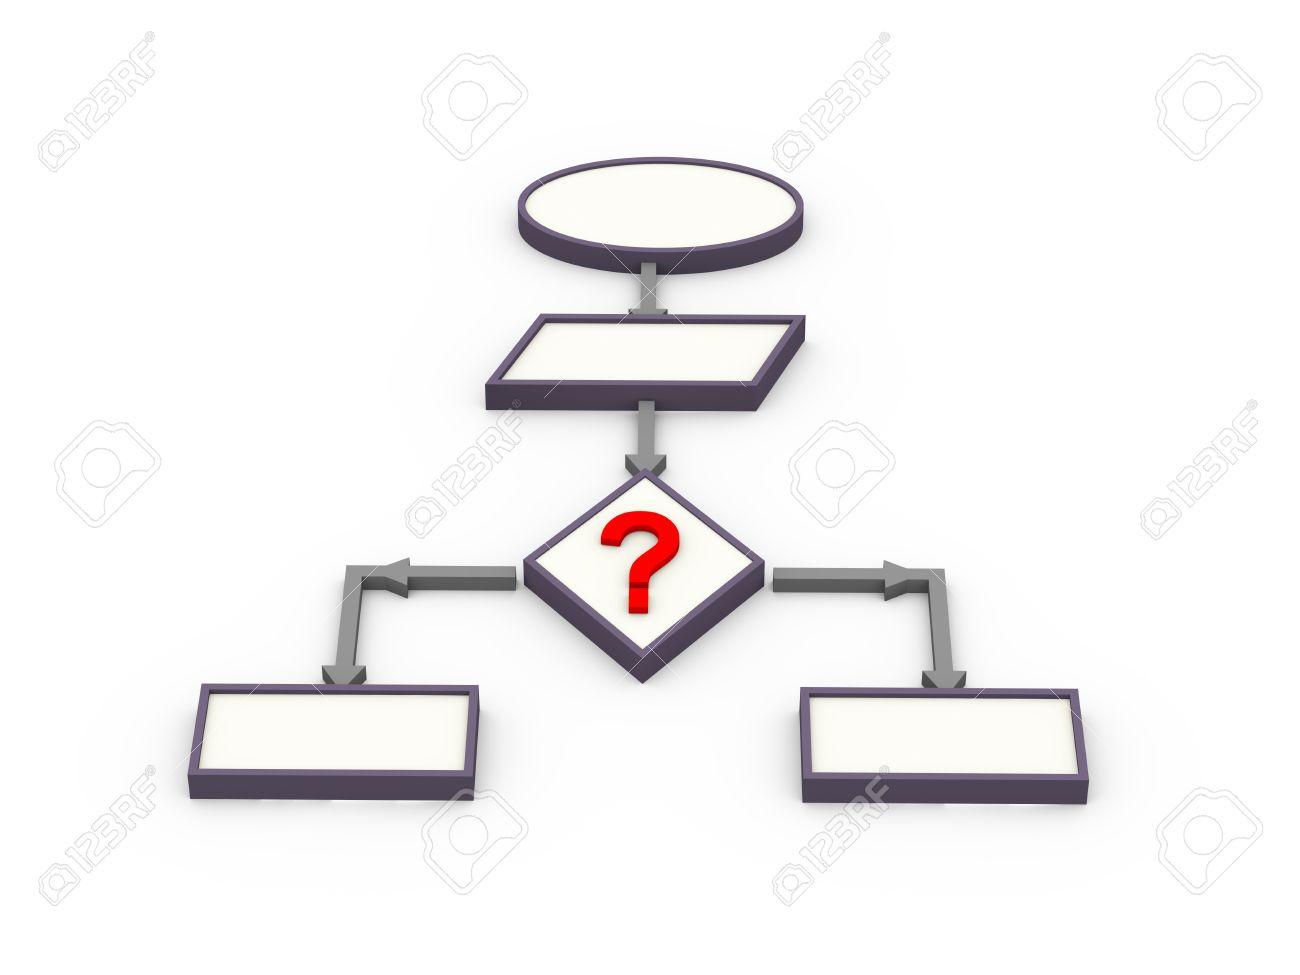 3d de signo de interrogacin en condicional smbolo salto de 3d de signo de interrogacin en condicional smbolo salto de diagrama de flujo del programa foto ccuart Images